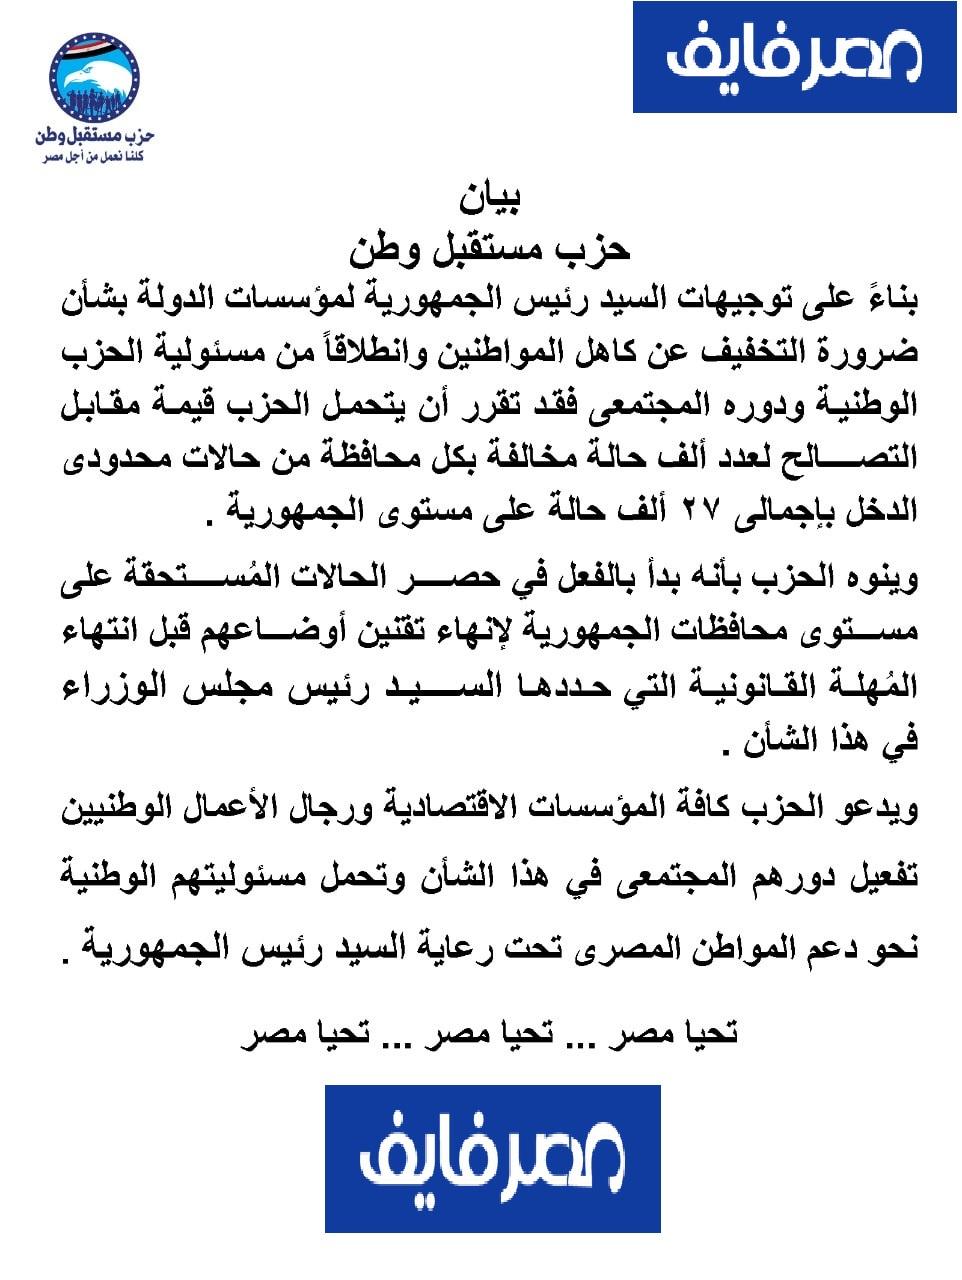 حزب مستقبل وطن يعلن عن تكفله ب1000 حالة تصالح في مخالفات البناء